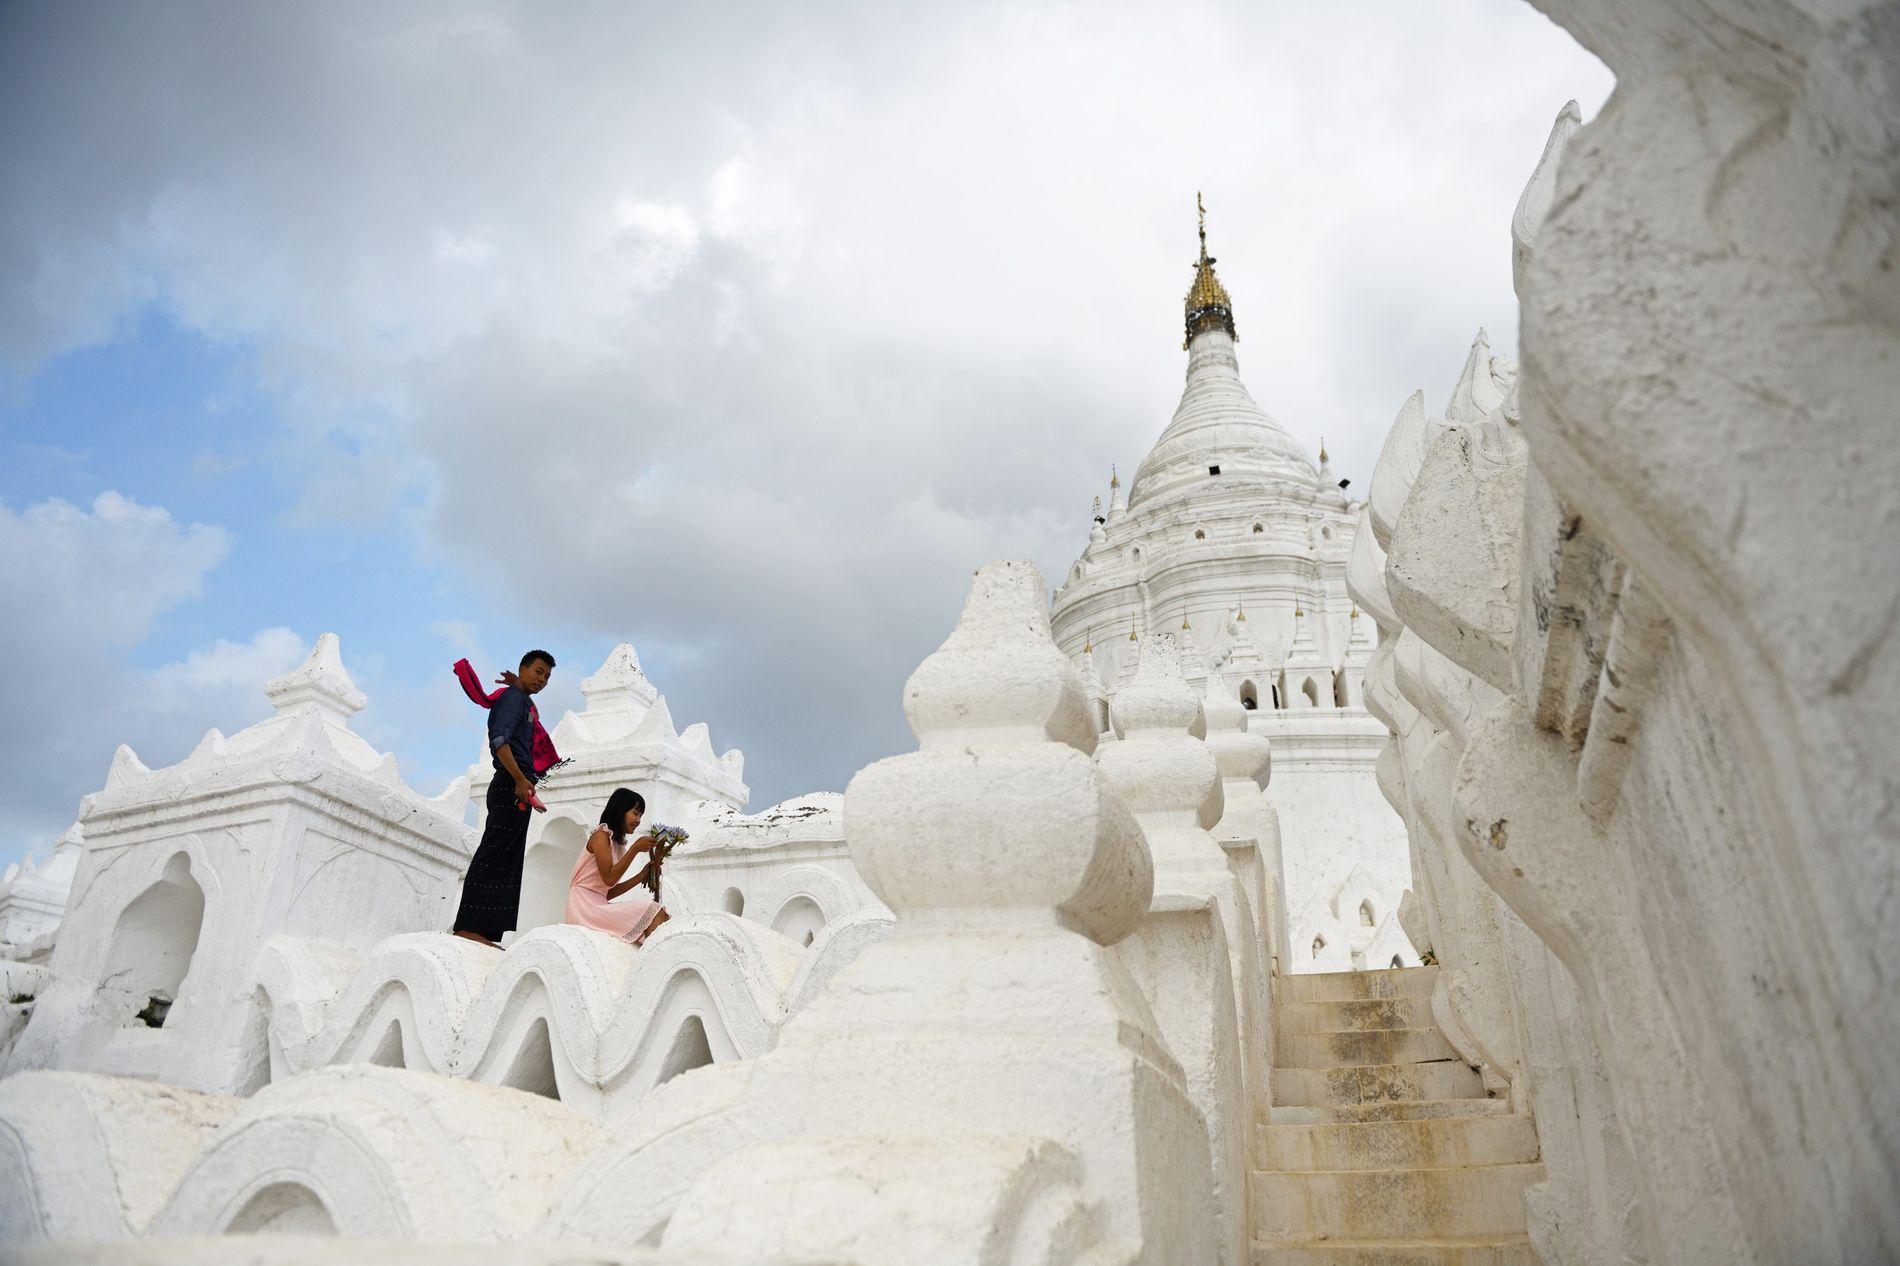 La pagode Mya Thein Tan, à Mingun, est un monument immaculé à sept terrasses, représentant le ...